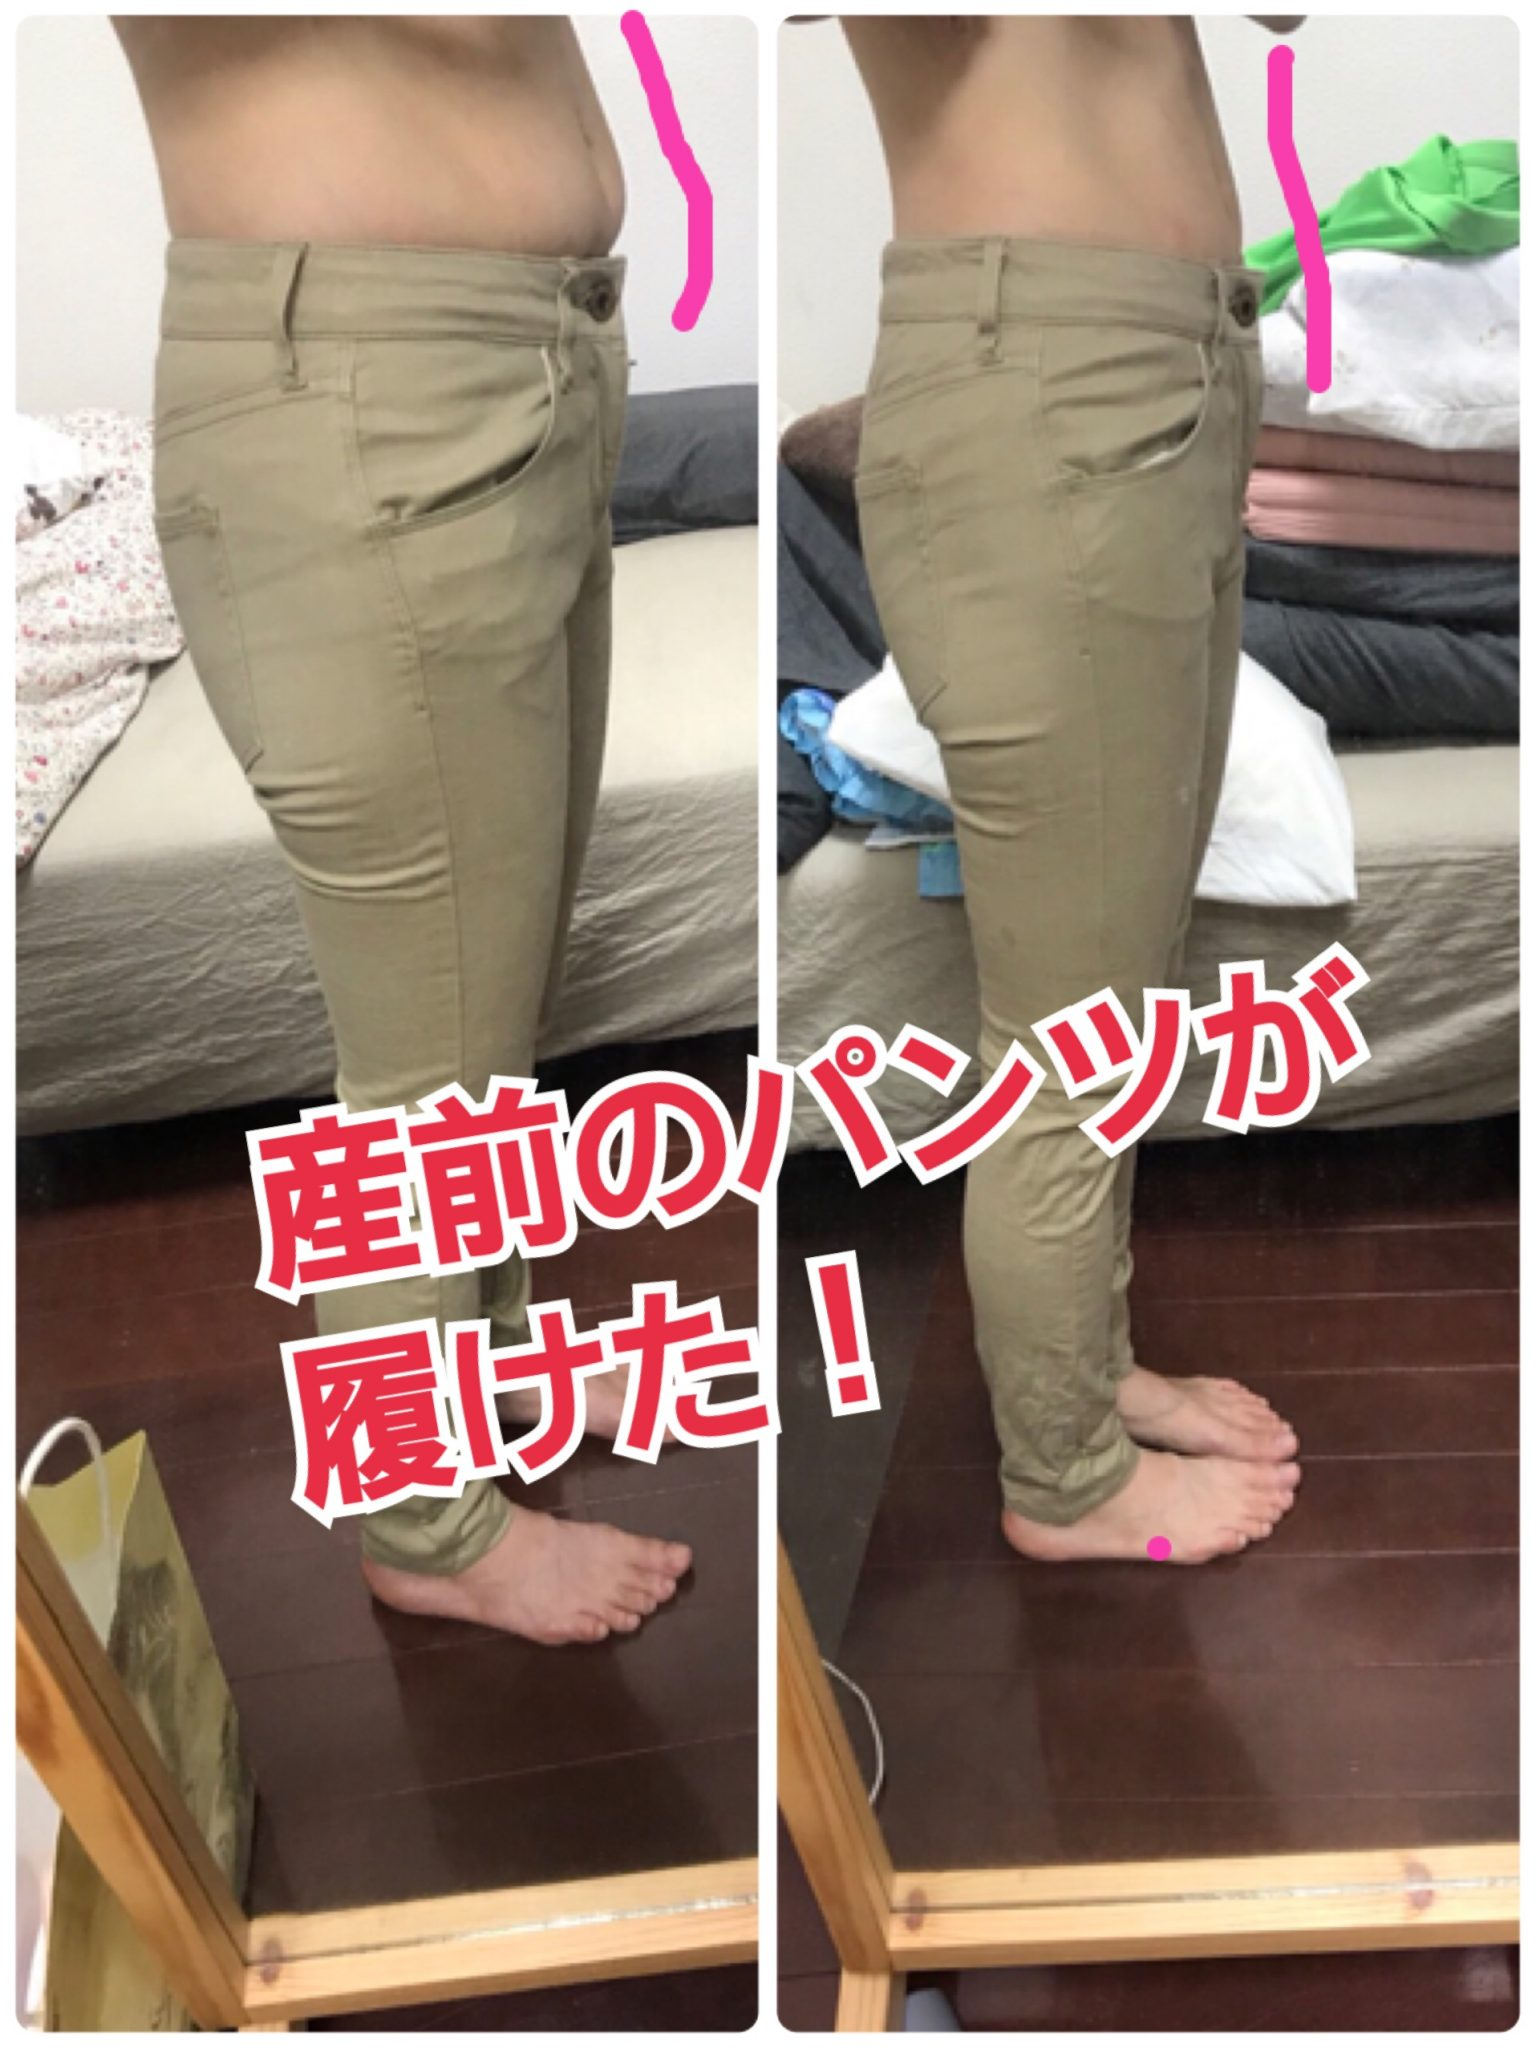 【体験会のお知らせ】産後ダイエットBefore&After